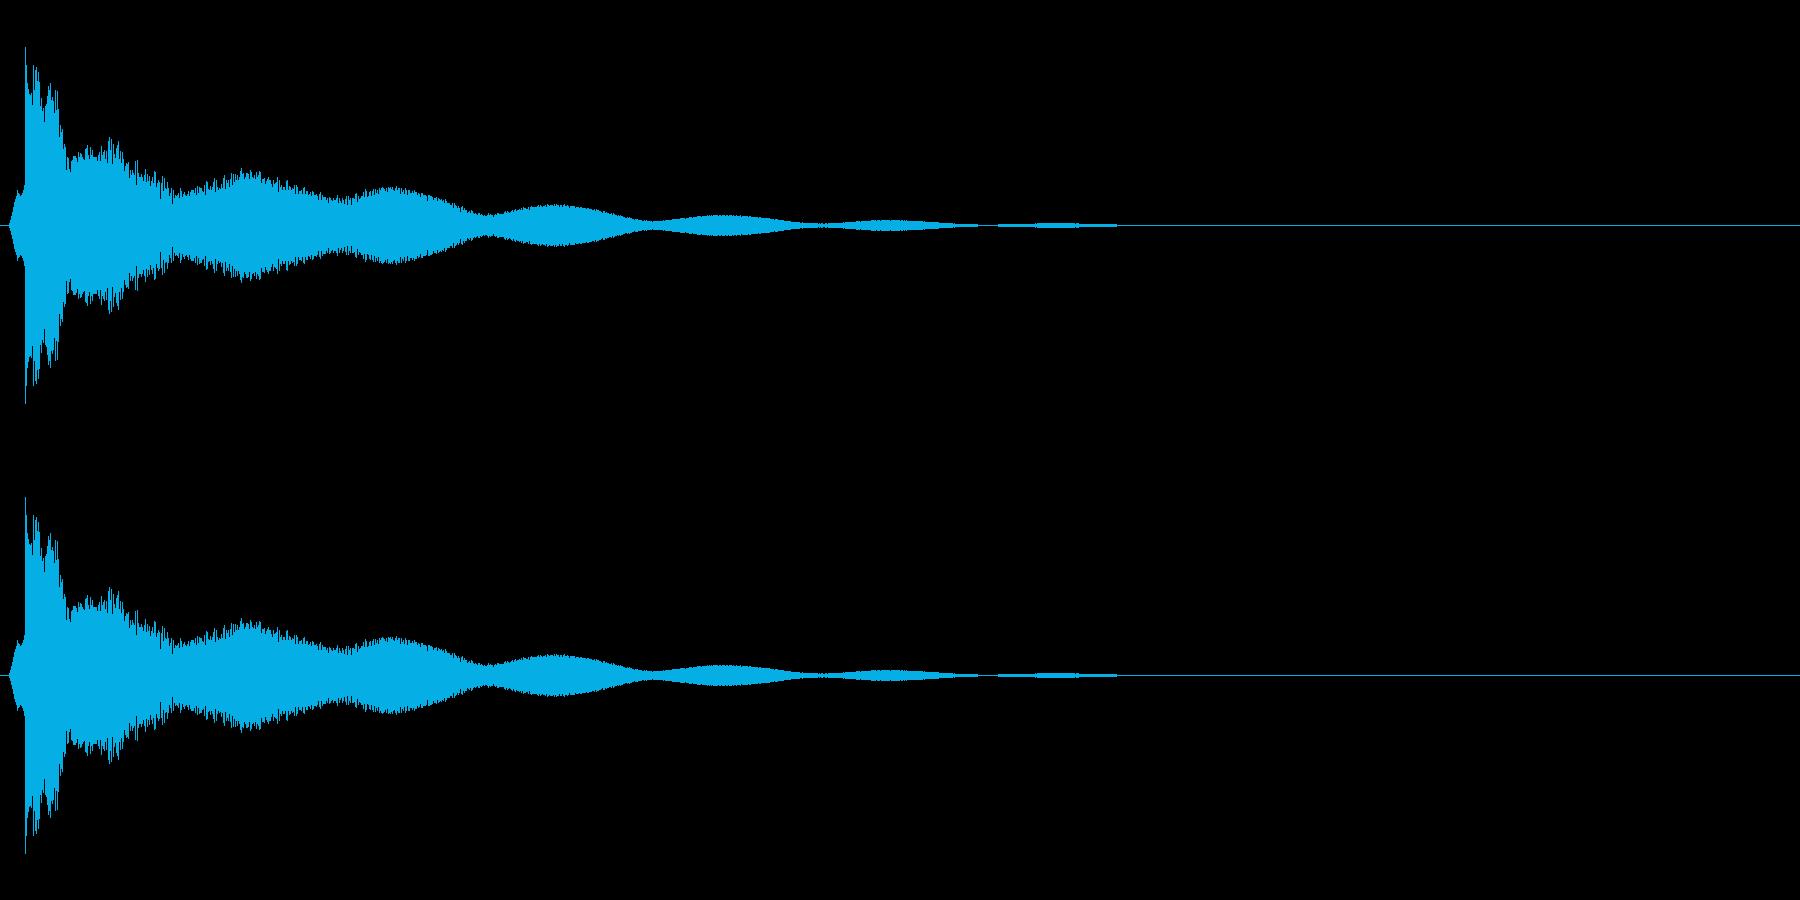 チーン_ギャグ_ベルの再生済みの波形